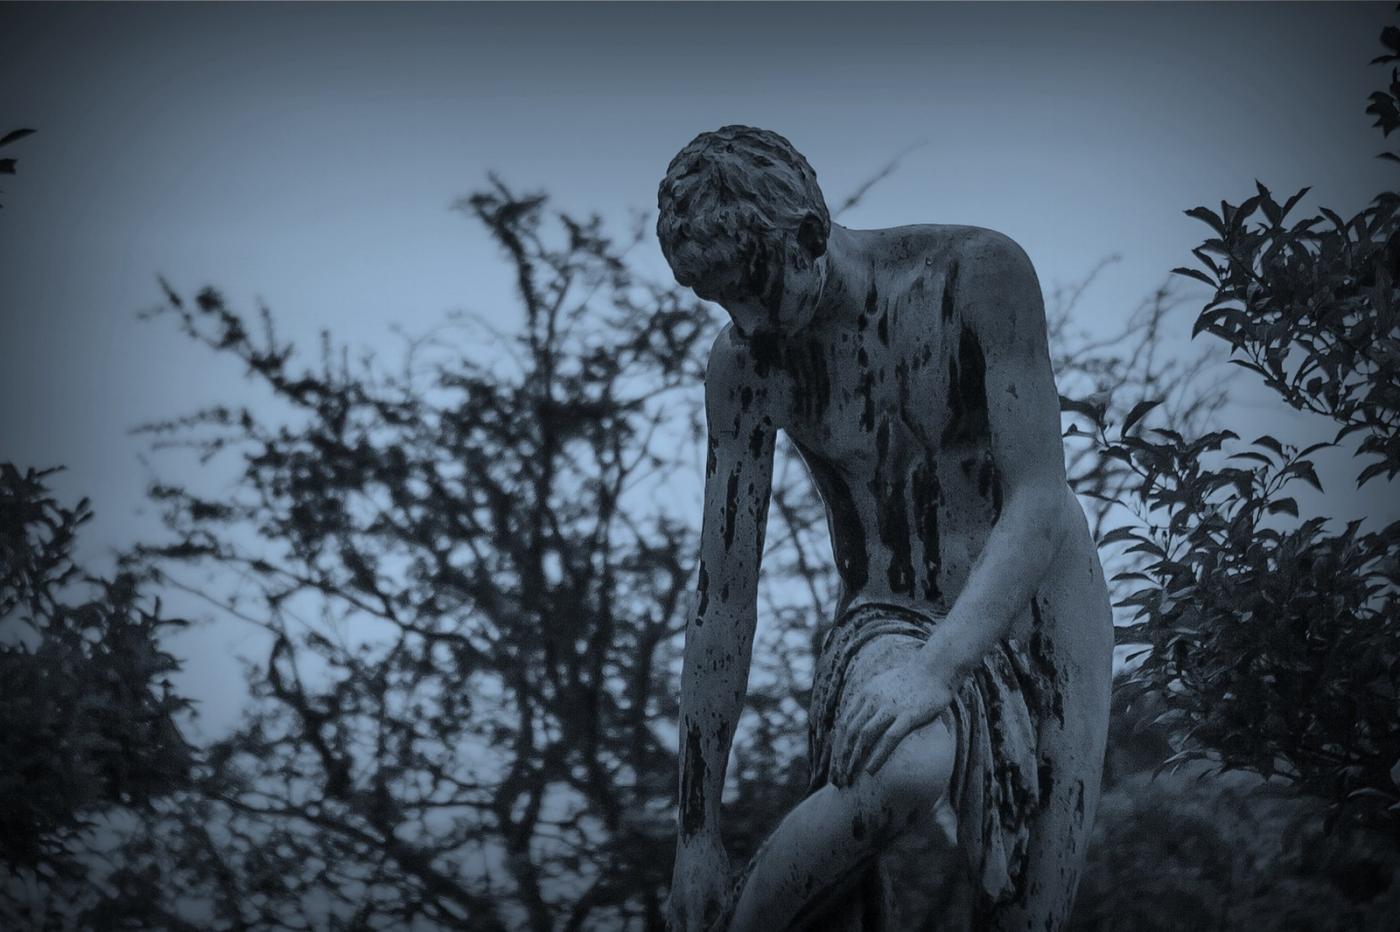 丹麦美人鱼雕像,雕塑家妻子为蓝本_图1-6